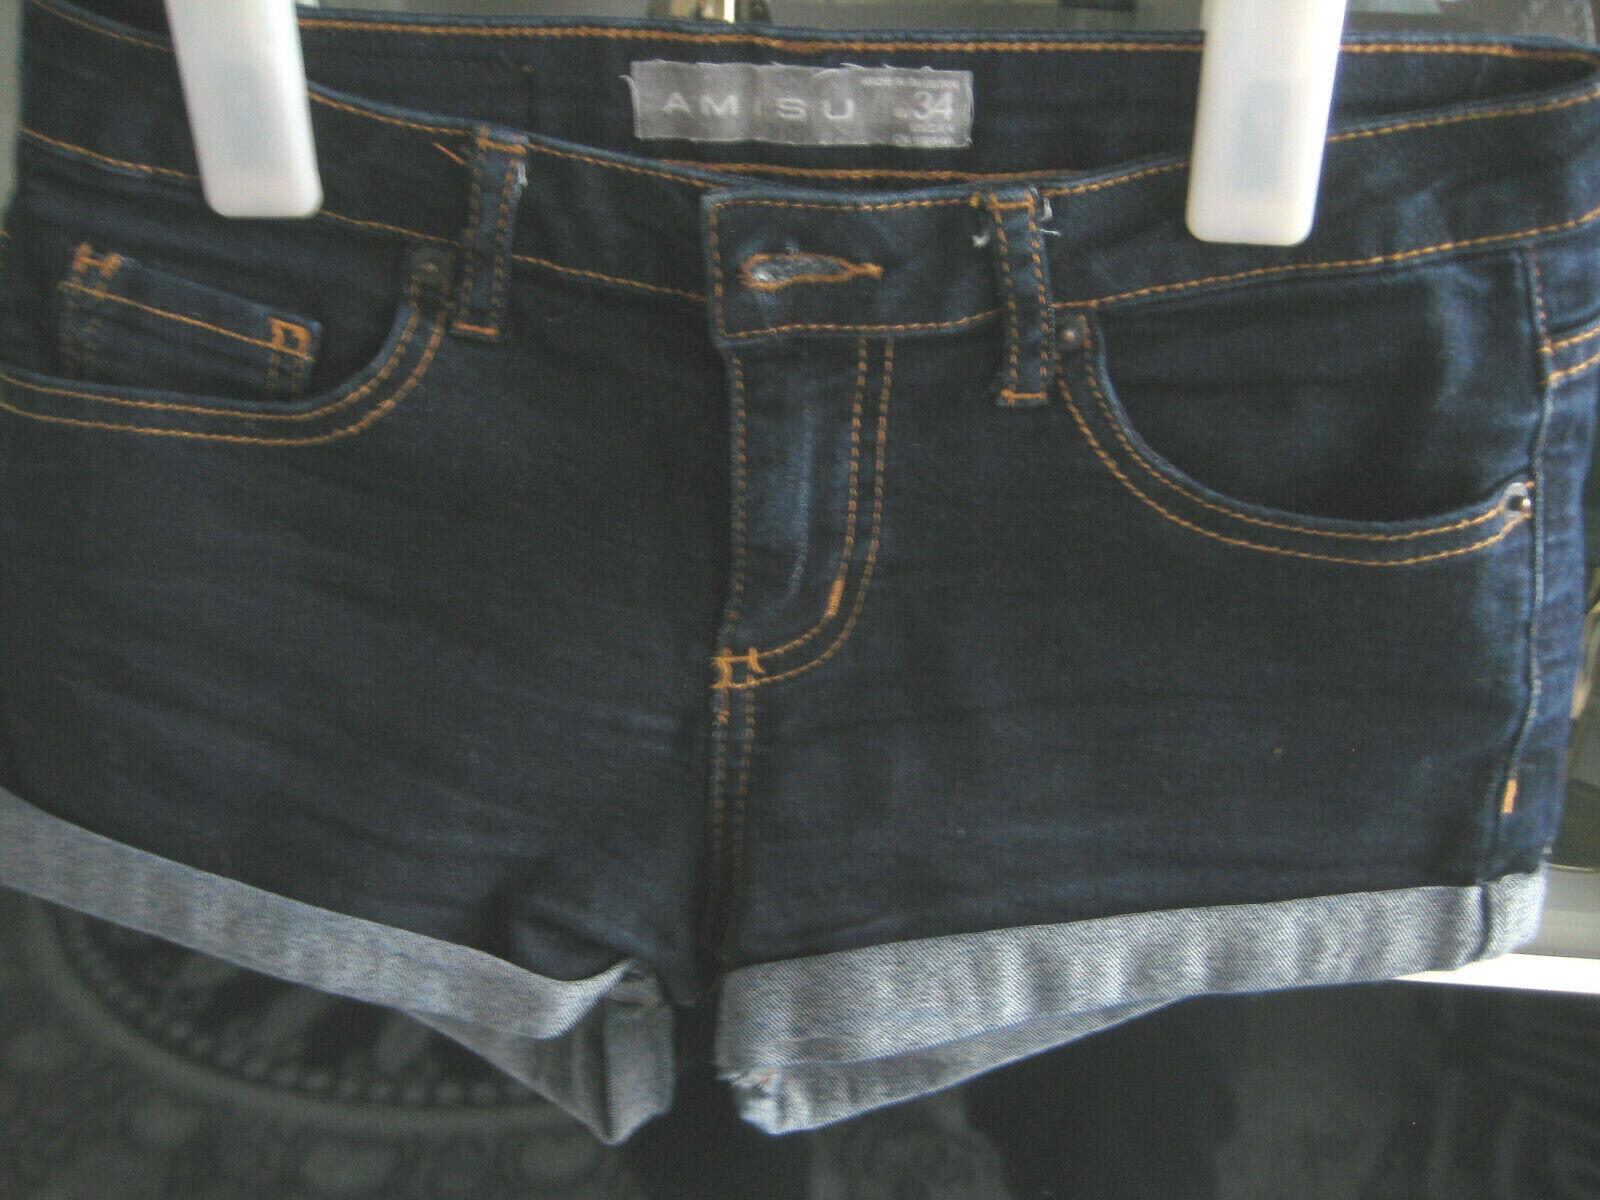 Damen Shorts in 34 Größe